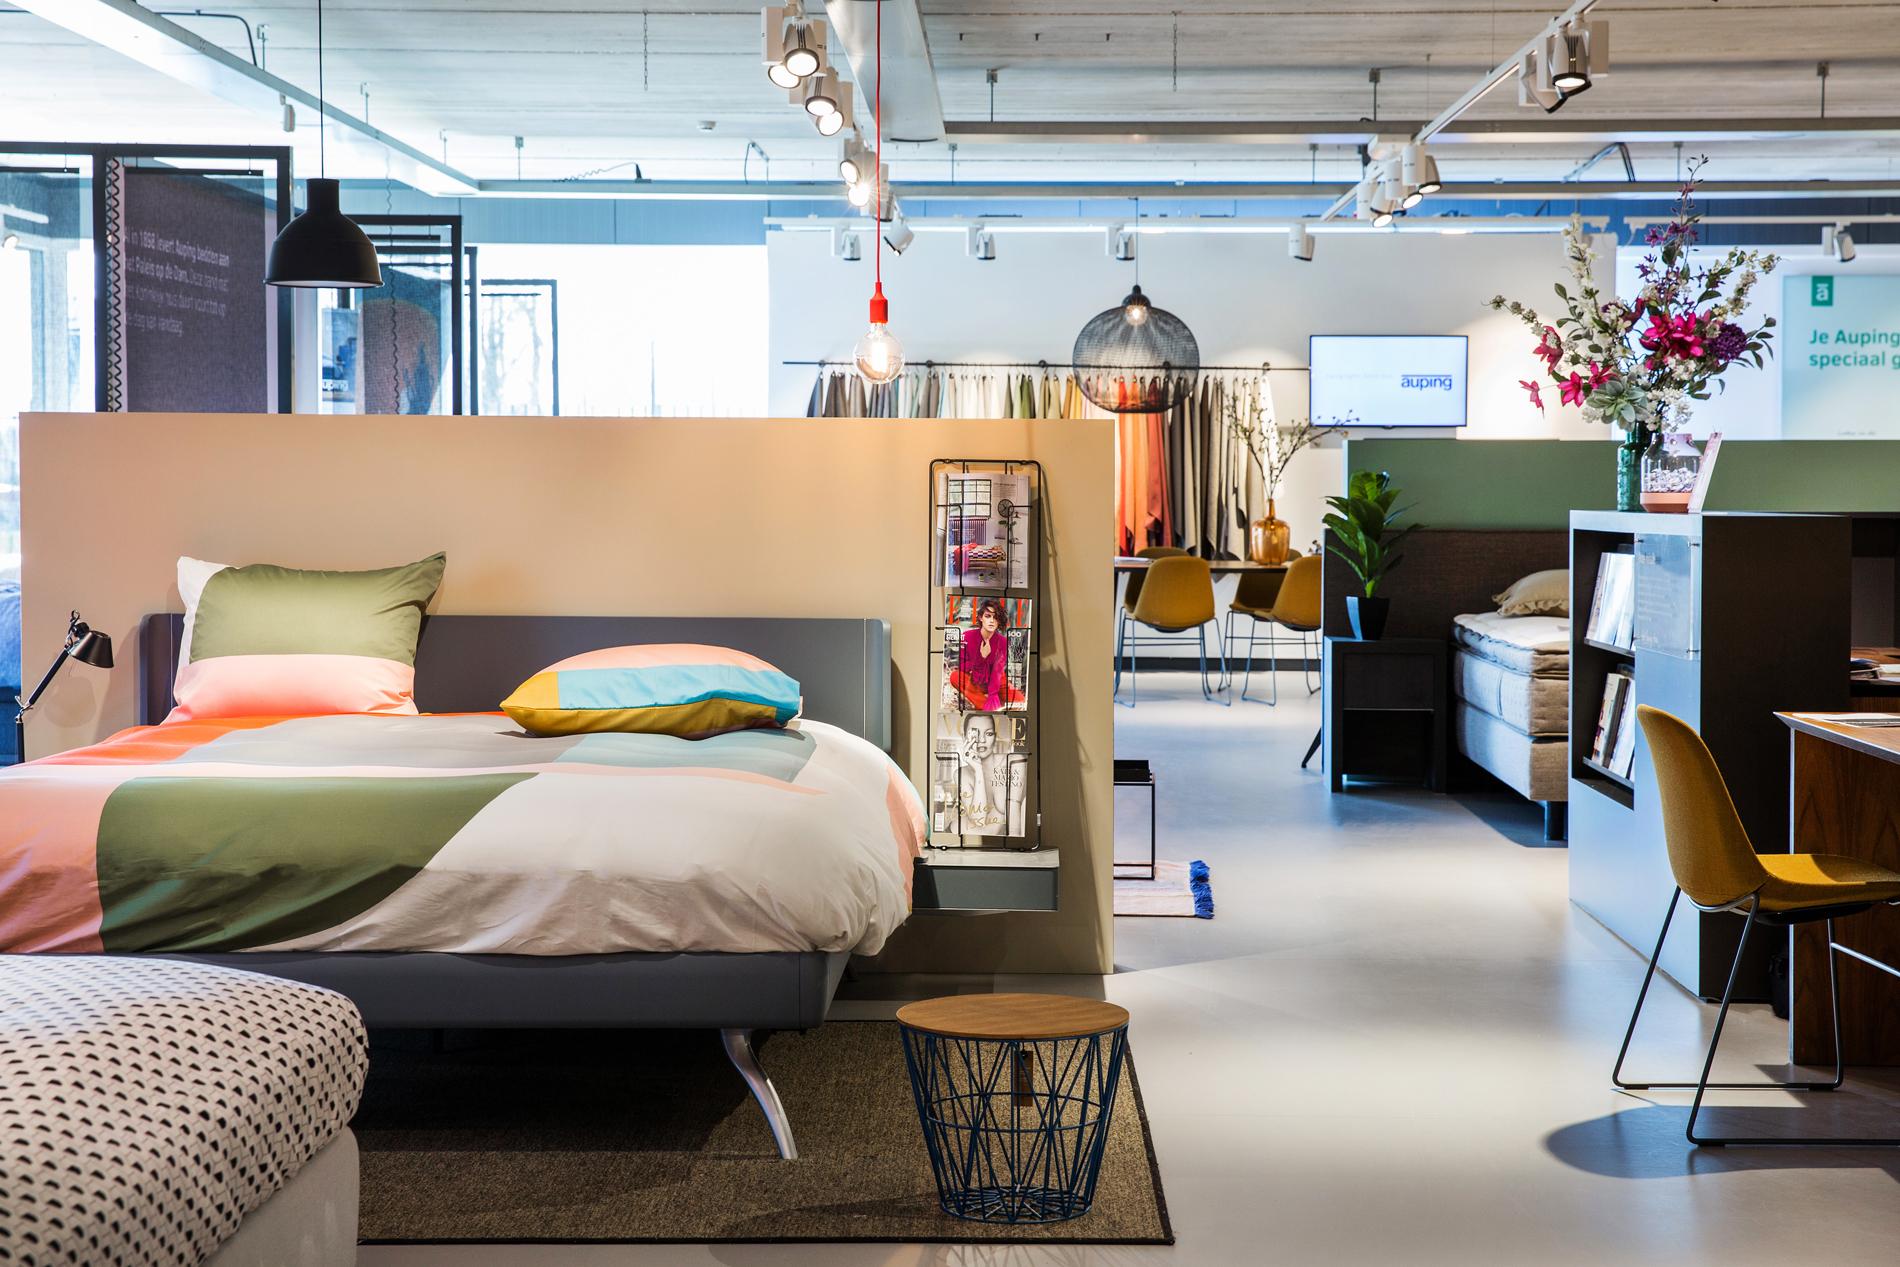 Auping Plaza Leeuwarden – Vita Talalay natuurlatex matraswinkel in Leeuwarden Friesland